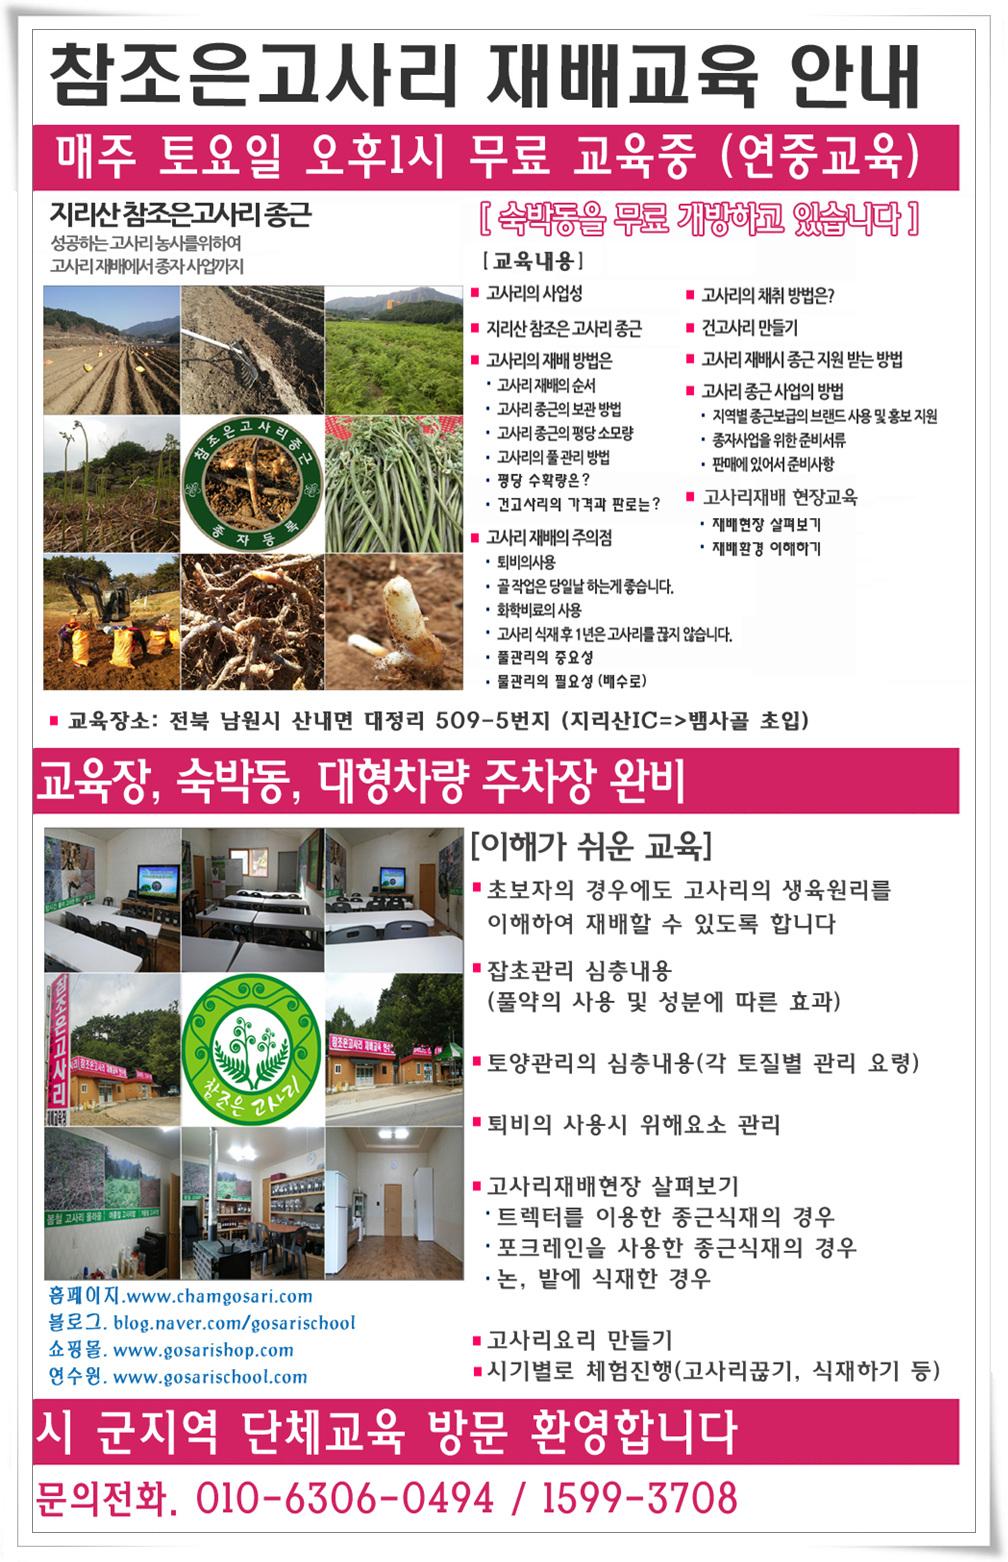 메인-고사리-980-3a-재배교육-하단3d.jpg